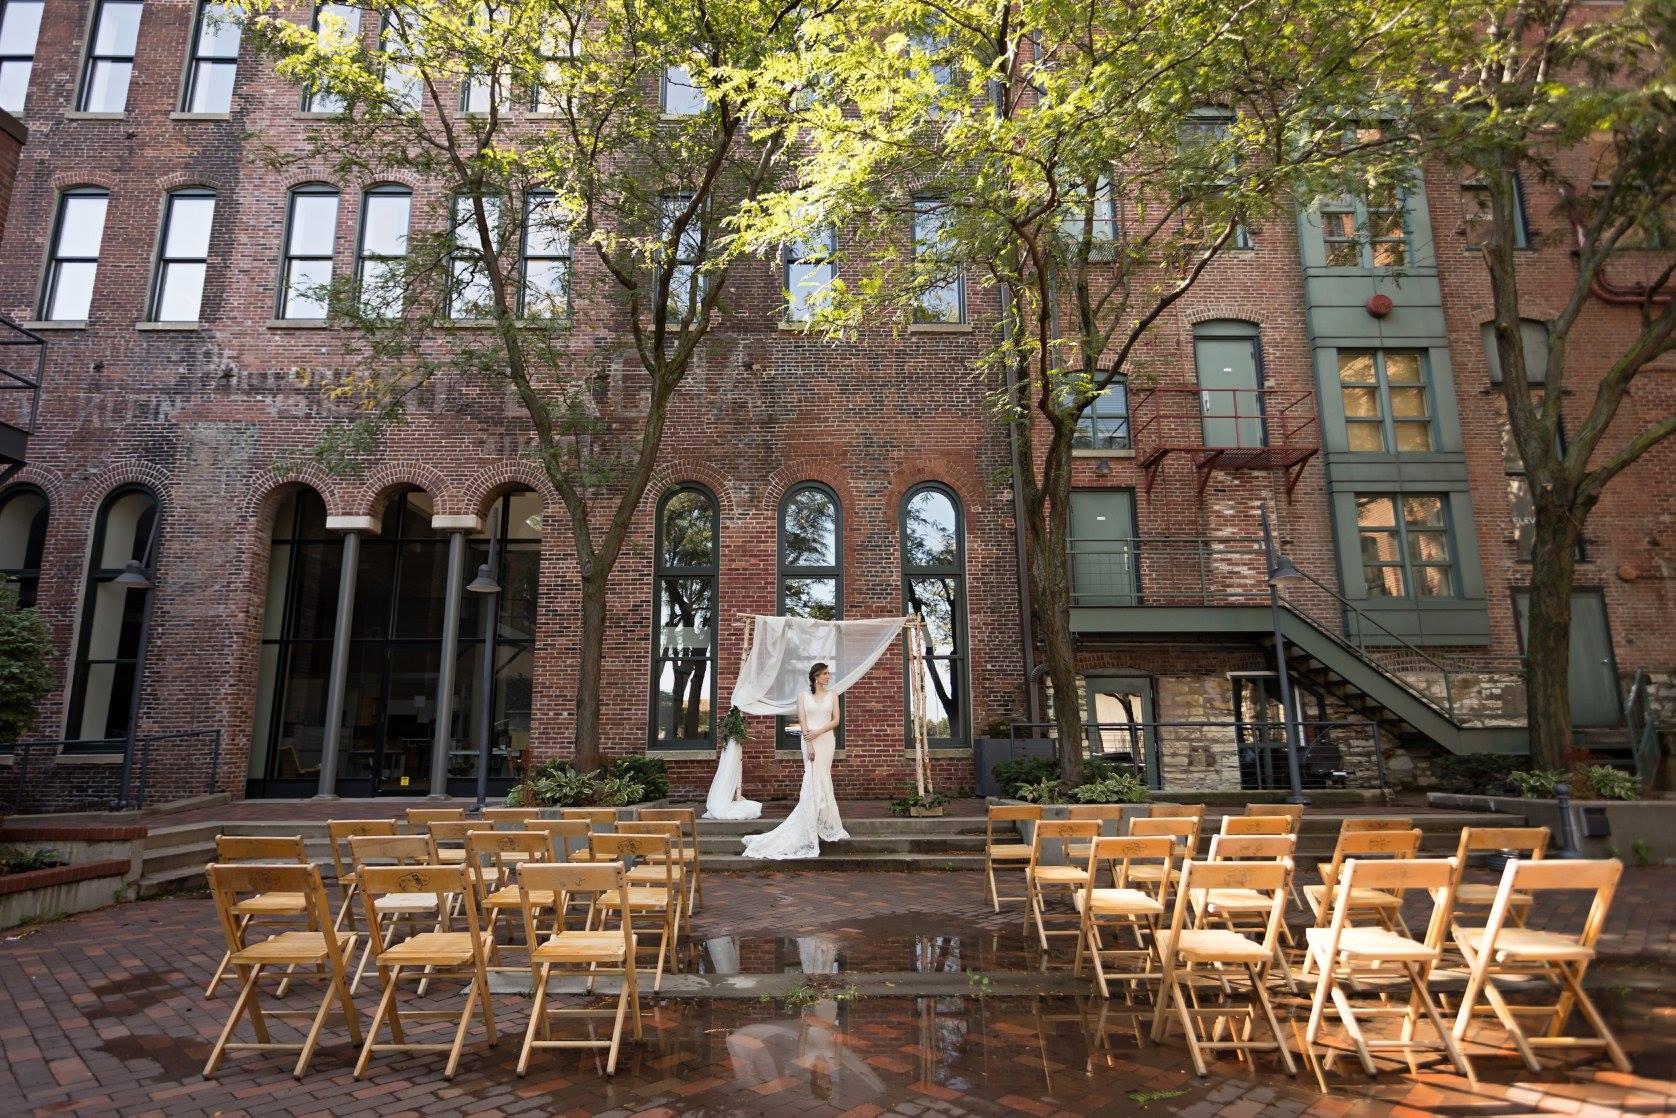 Courtyard+3.jpg